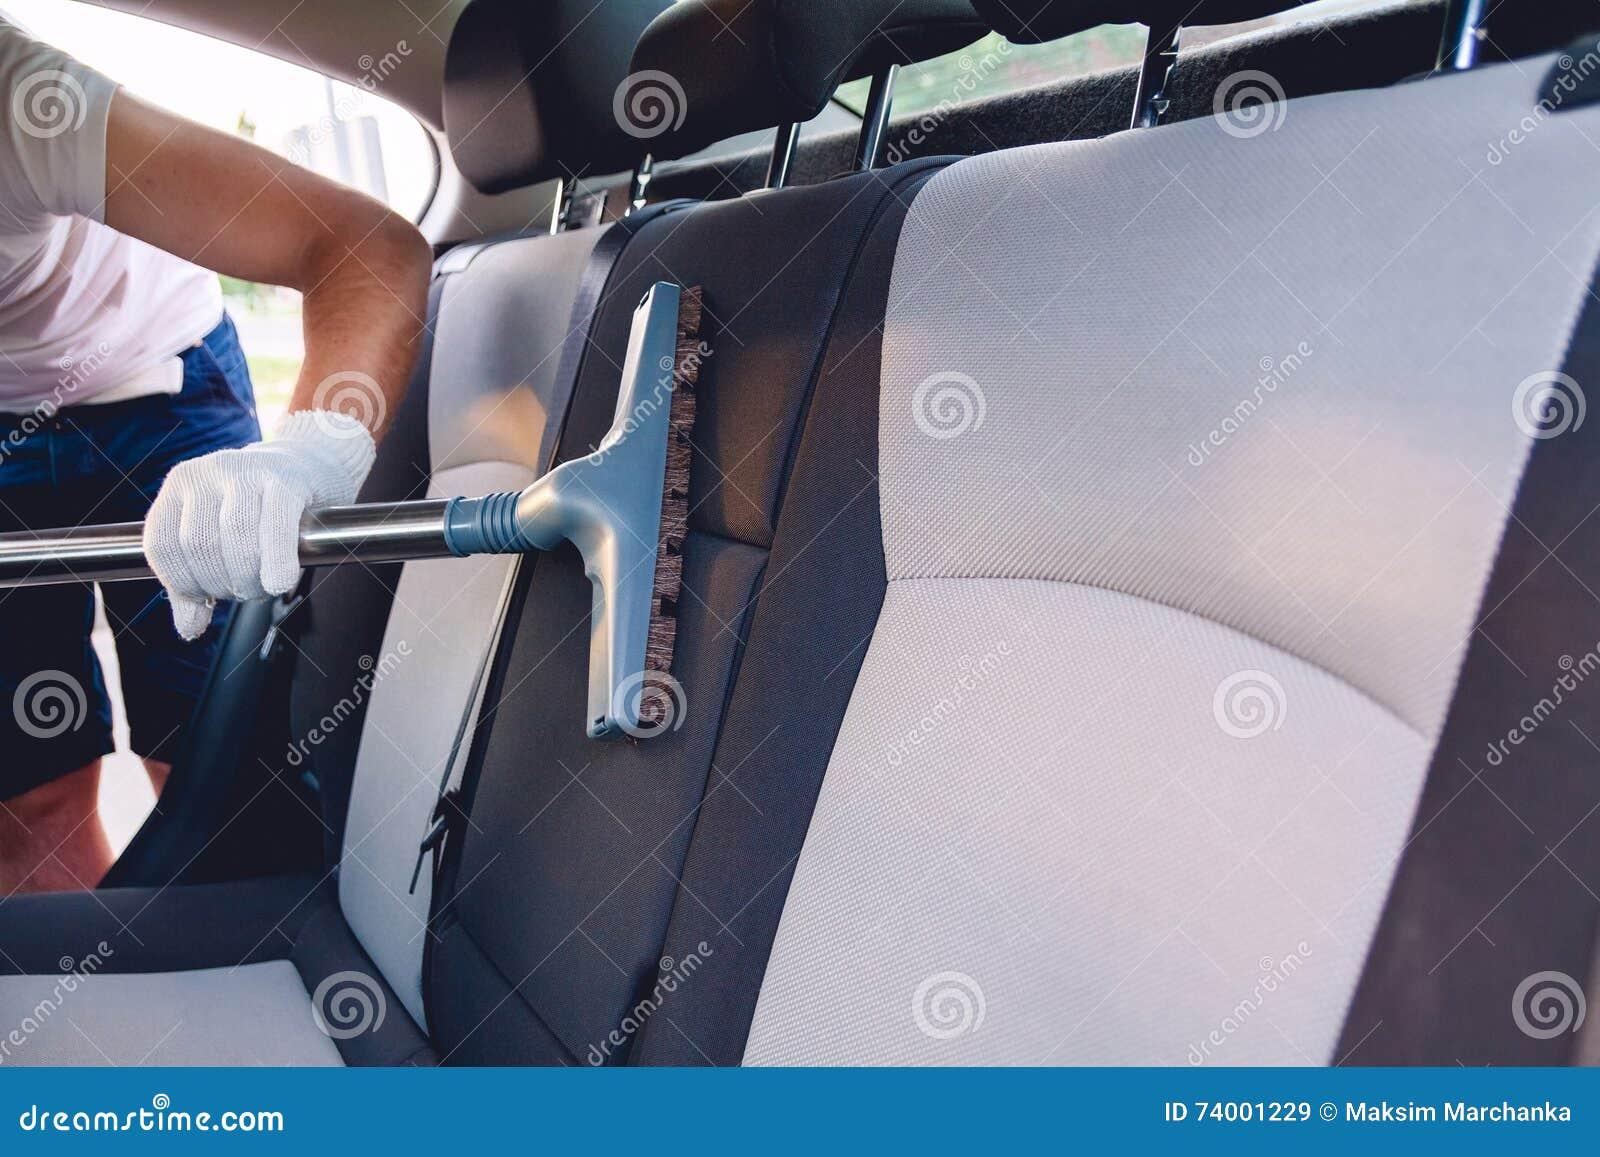 Asientos de carro de la limpieza del vacío